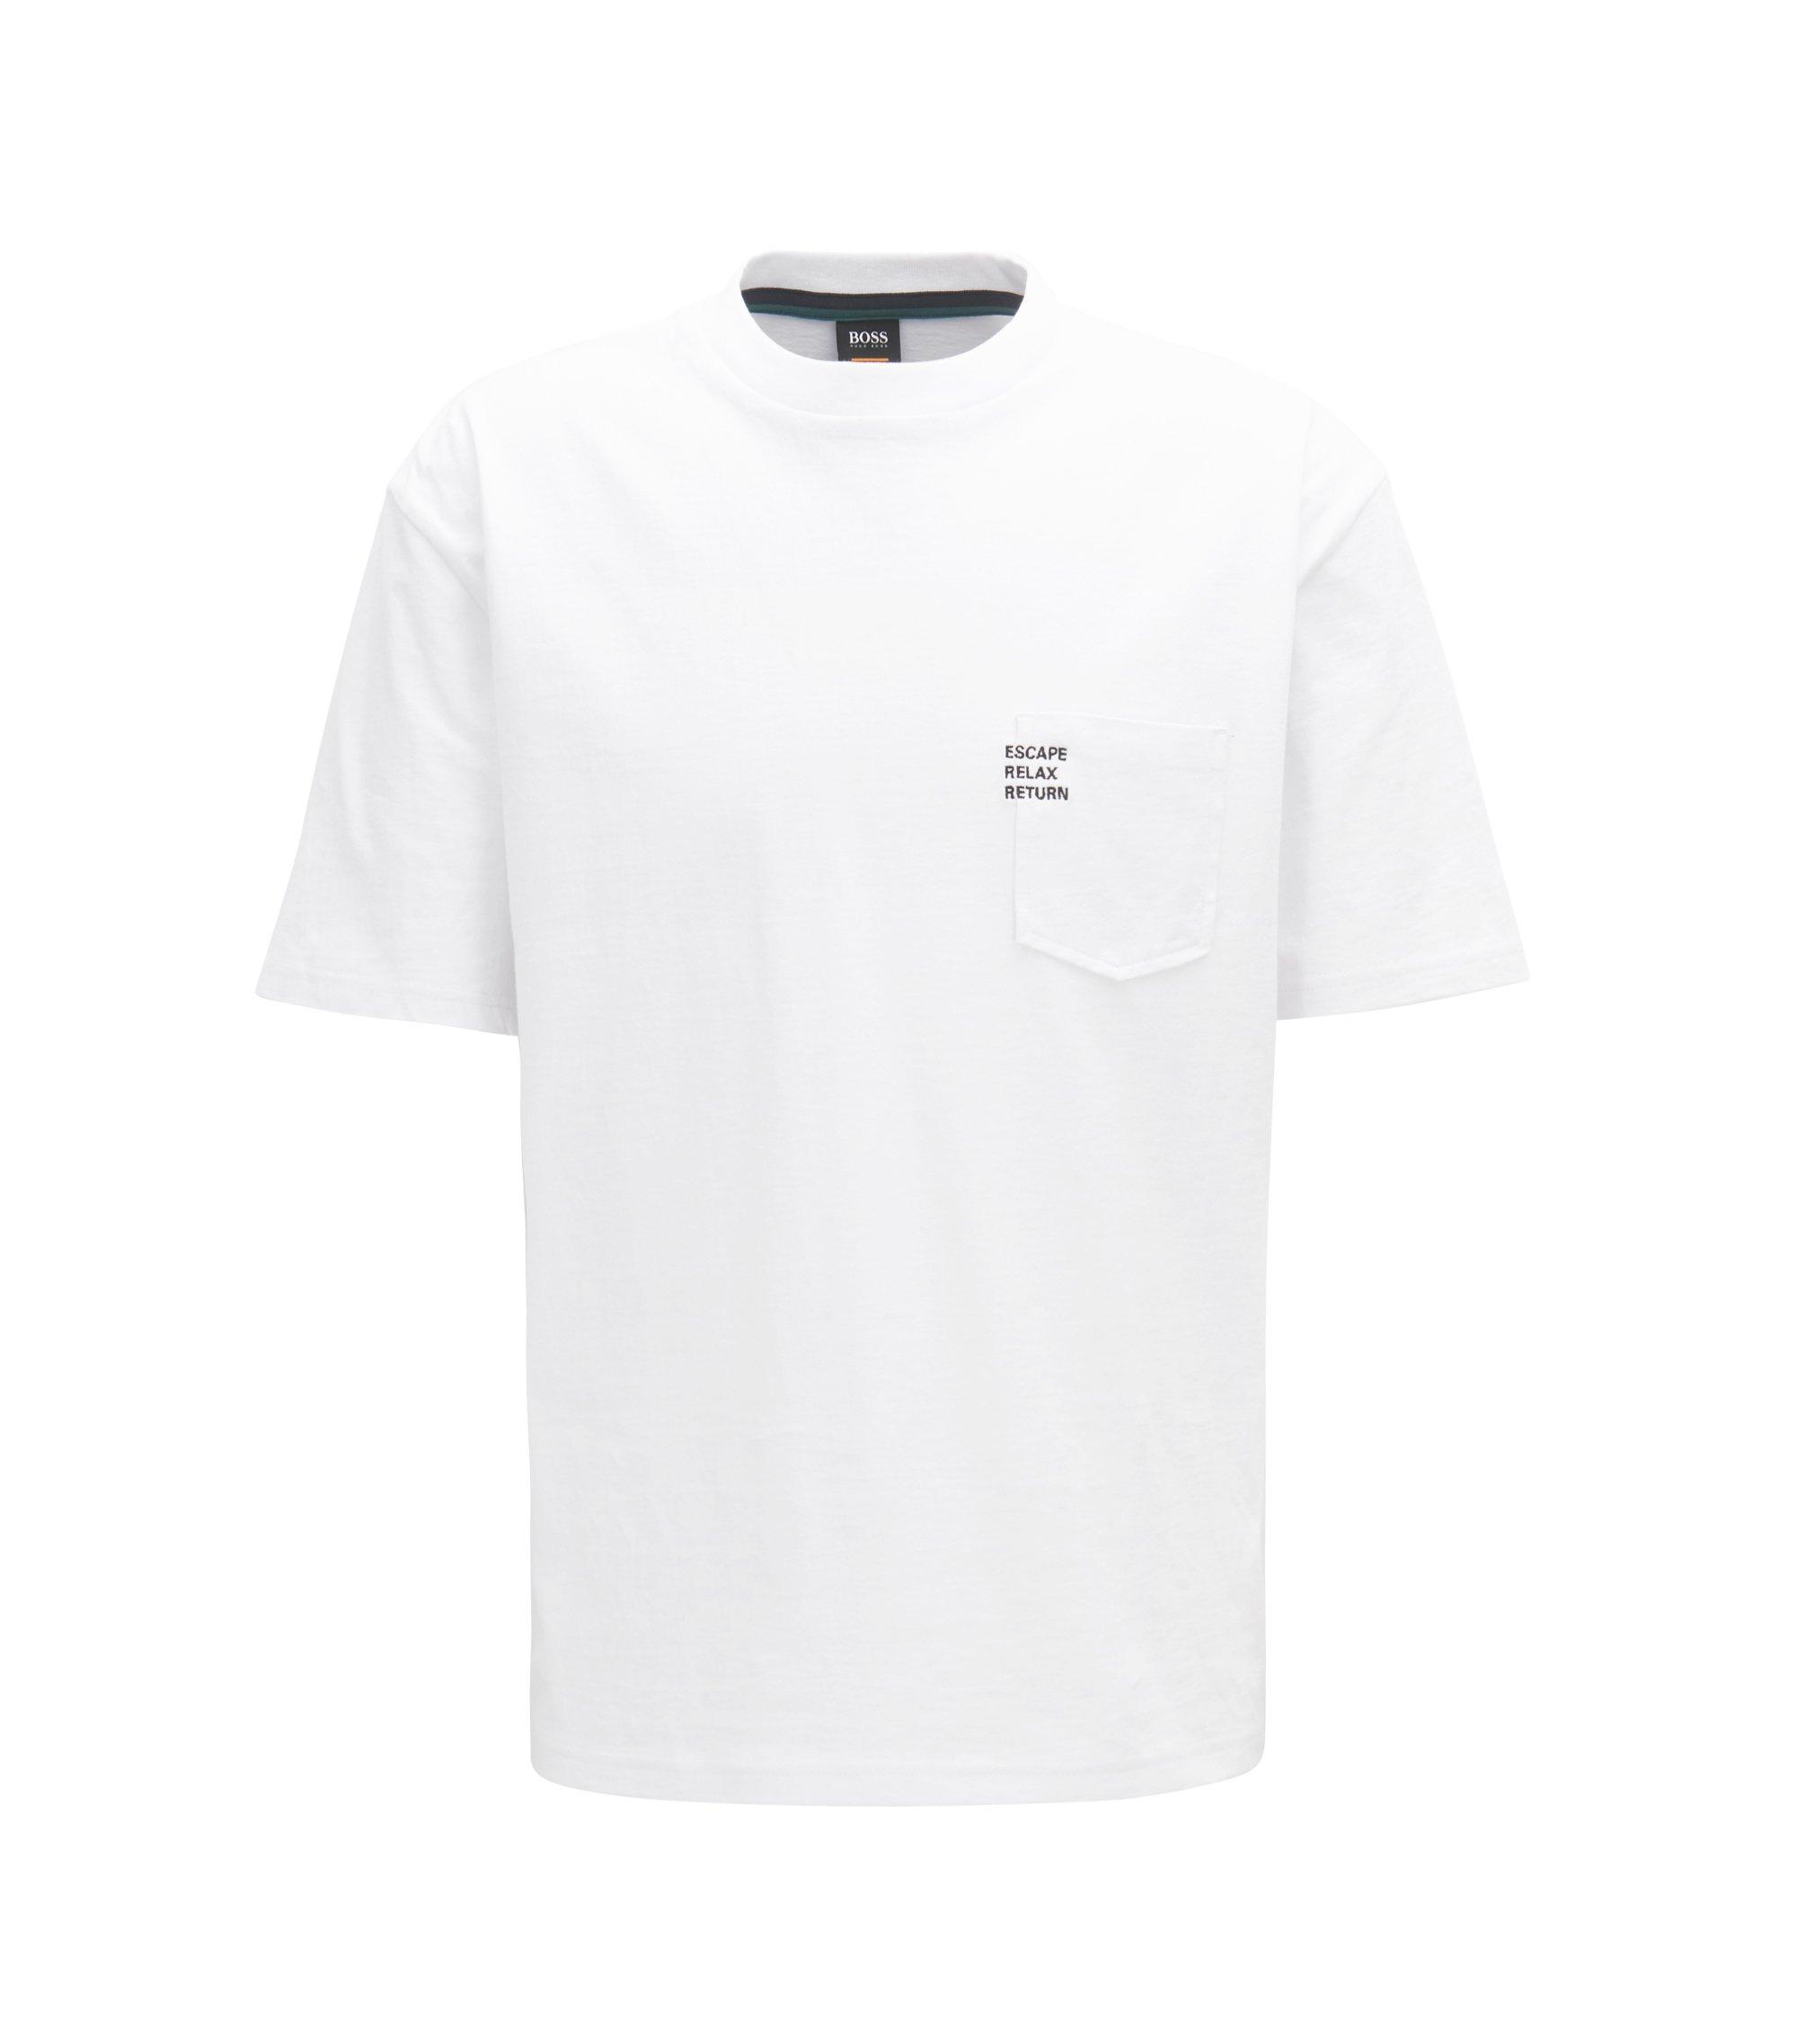 Kastenförmig geschnittenes T-Shirt aus schwerem Baumwoll-Jersey mit Slogan, Weiß